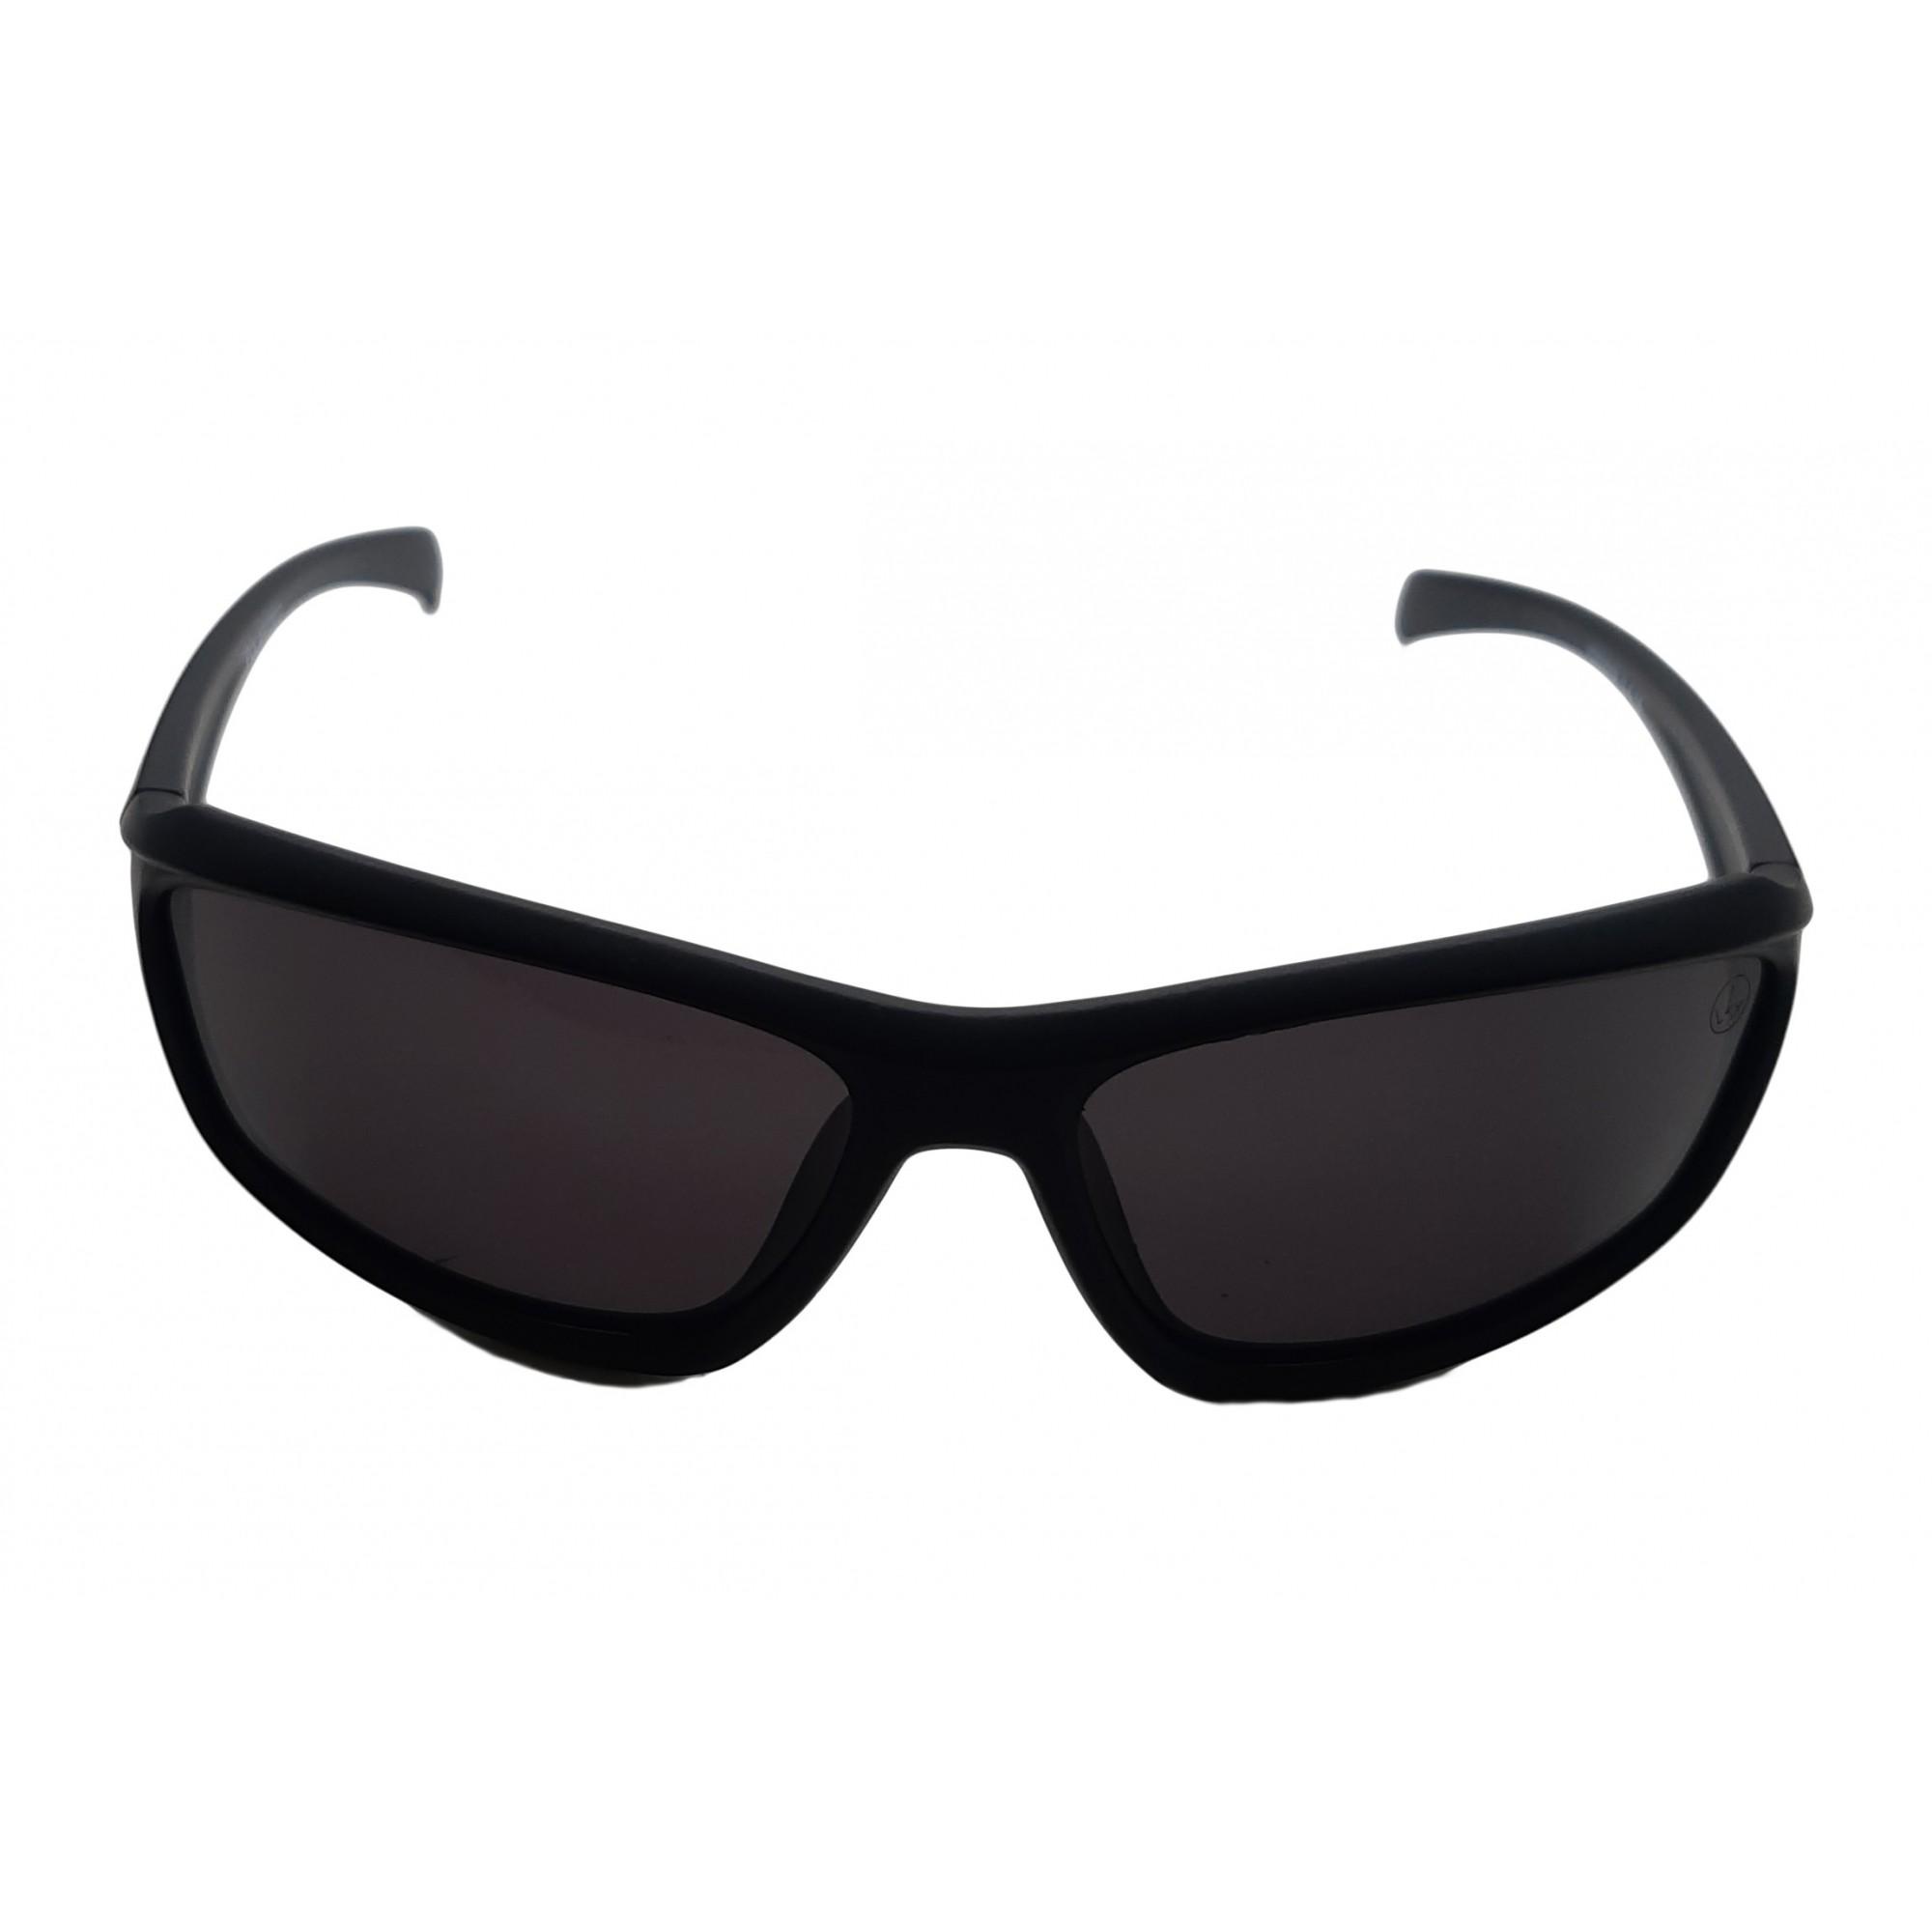 Óculos de sol Polarizado Lucky 0300